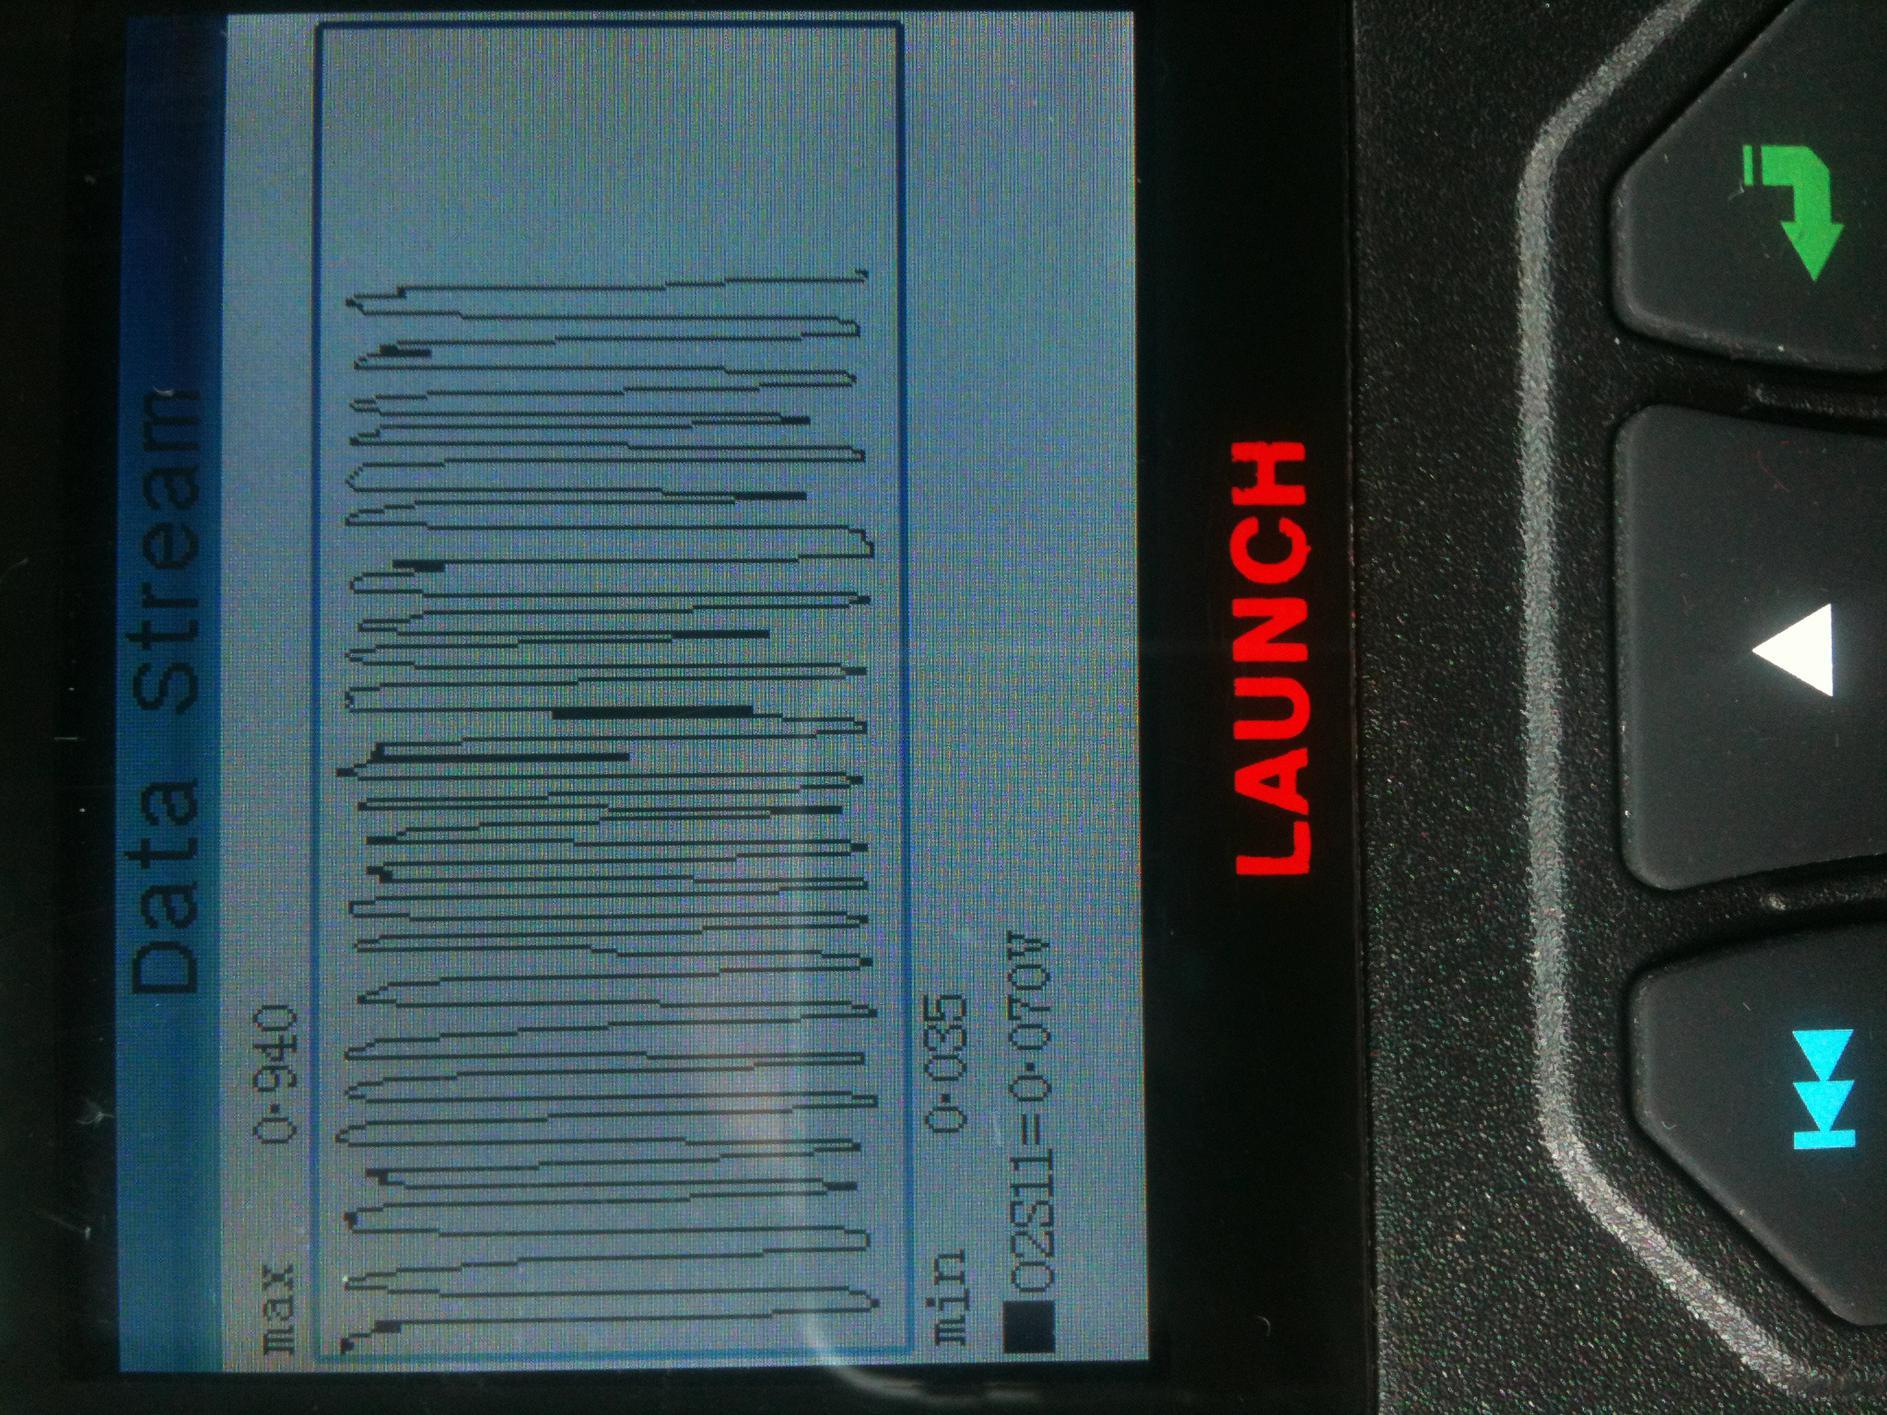 p0133 code keeps coming back - Saturn ION RedLine Forums